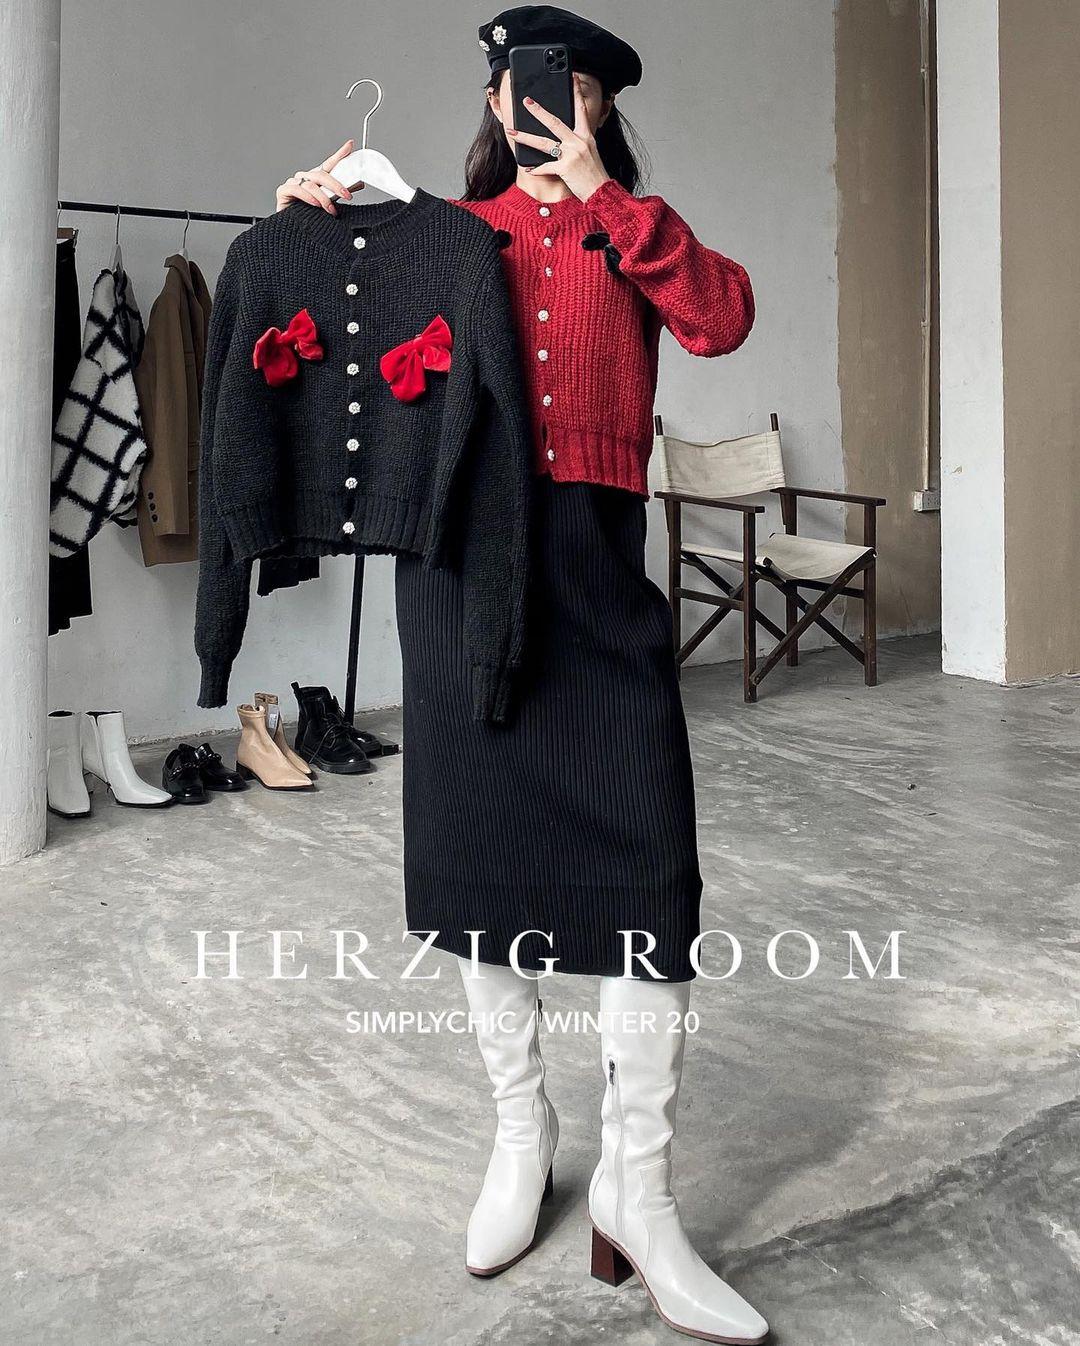 7 mẫu cardigan điệu đà chanh sả giá từ 260k hot nhất tại các shop lúc này - Ảnh 5.